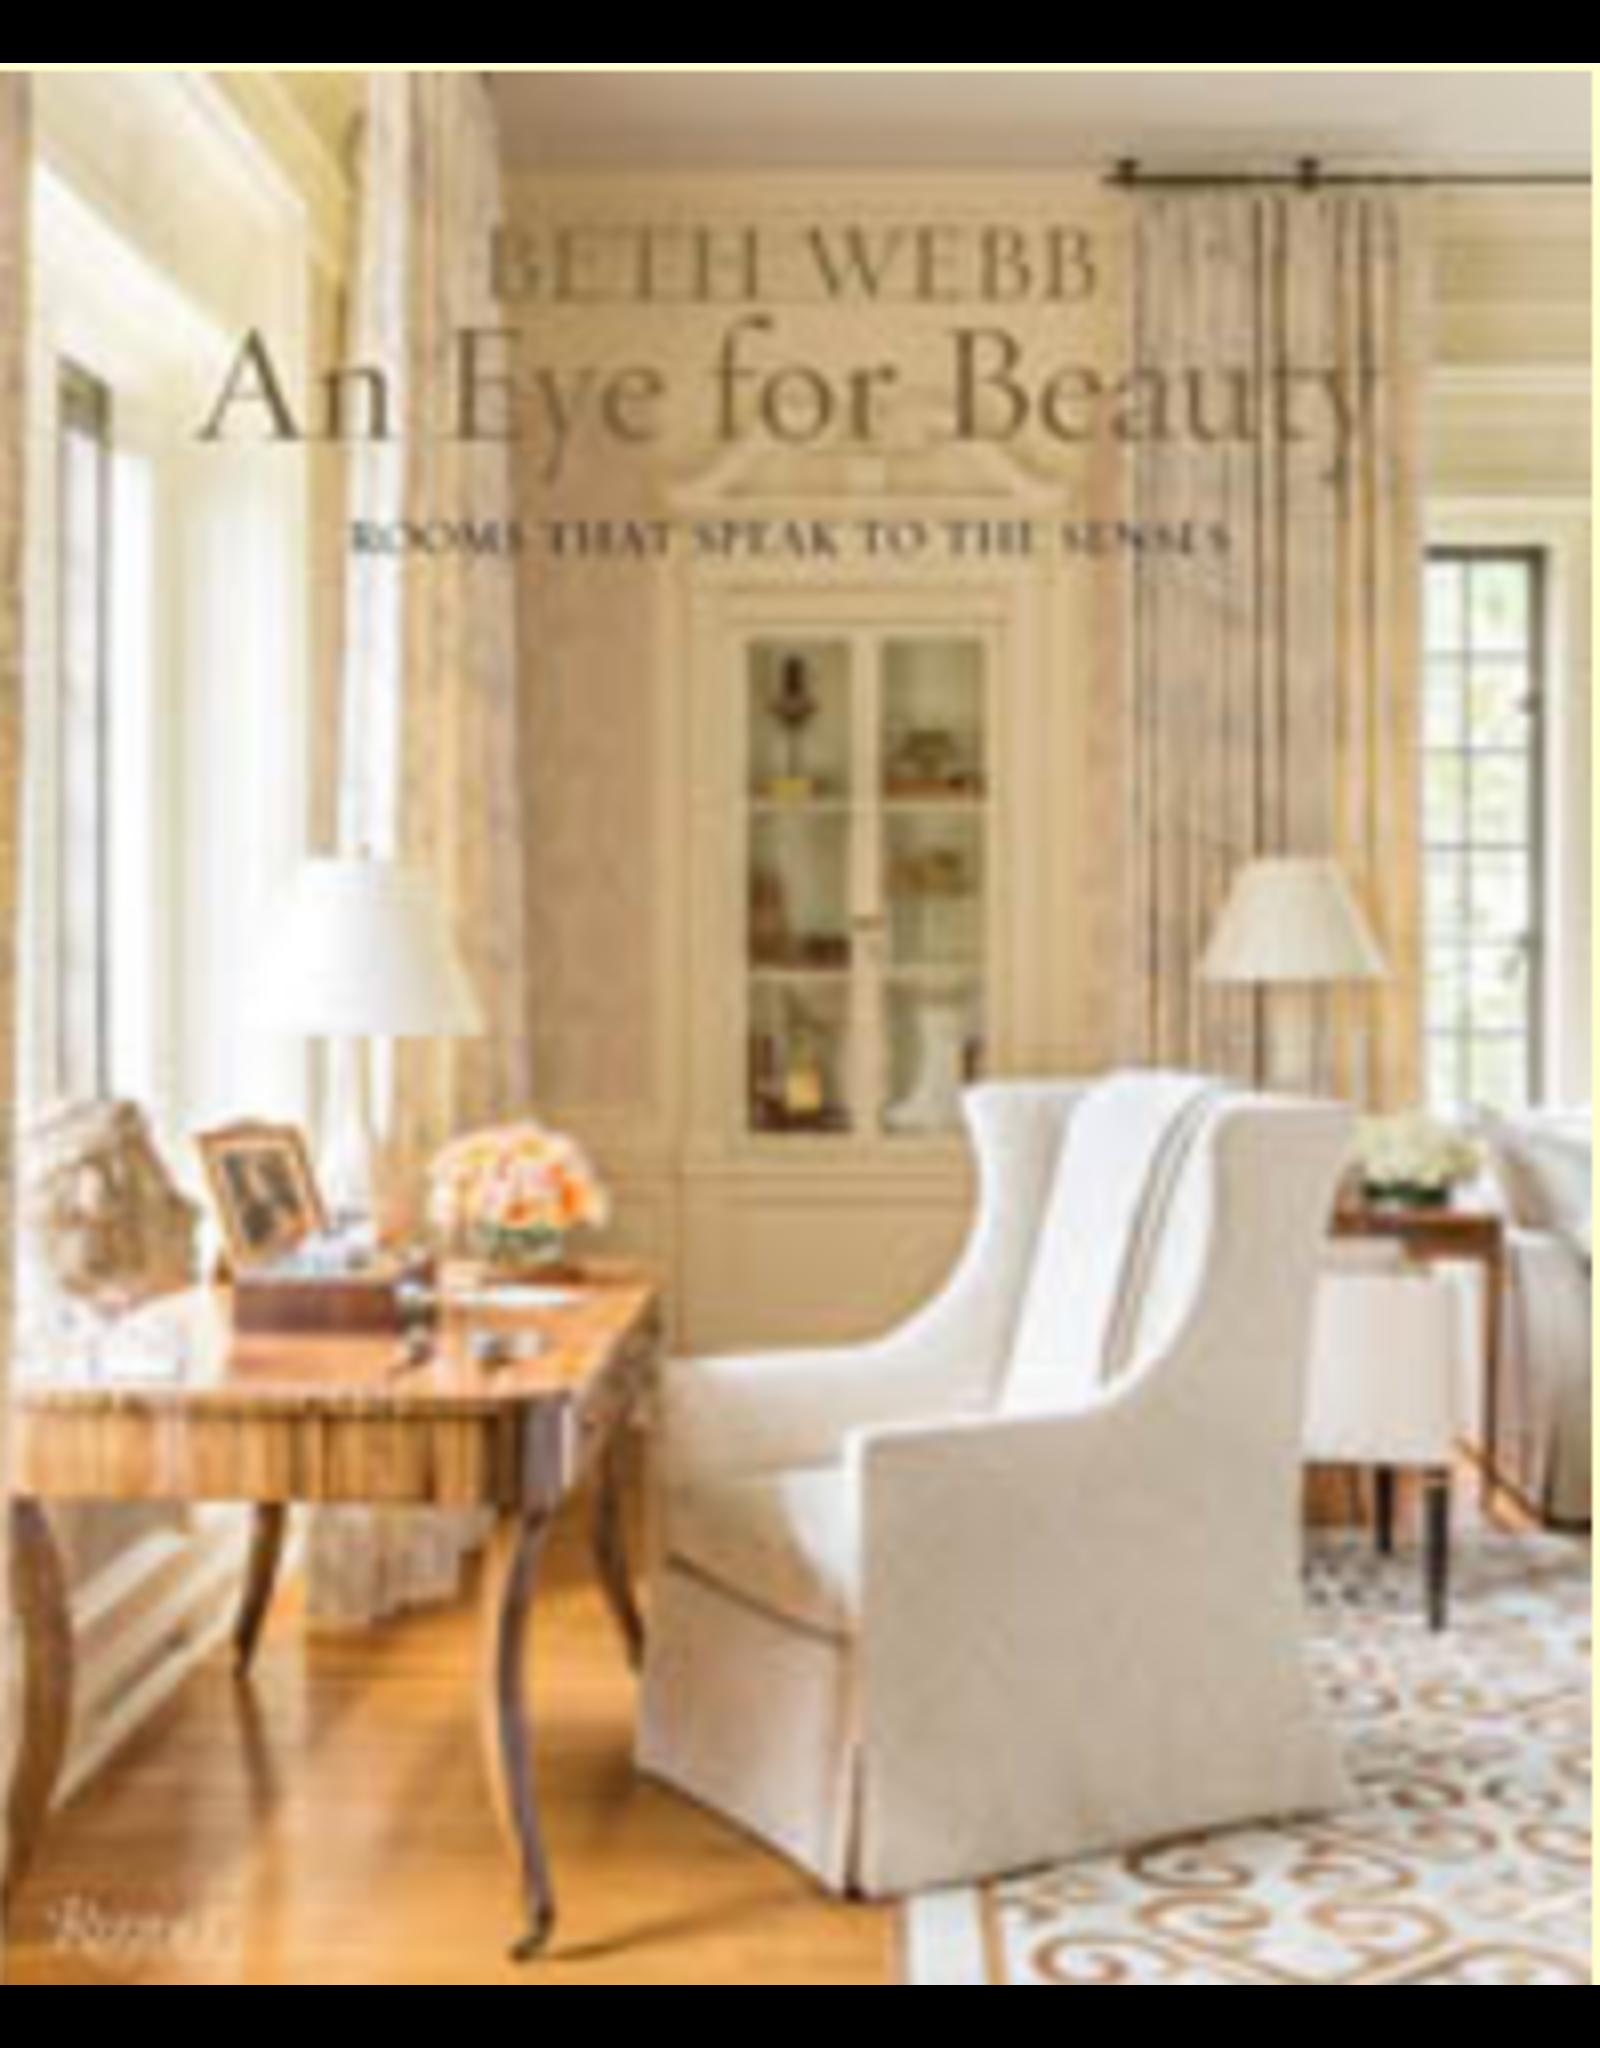 Website Beth Webb: An Eye for Beauty